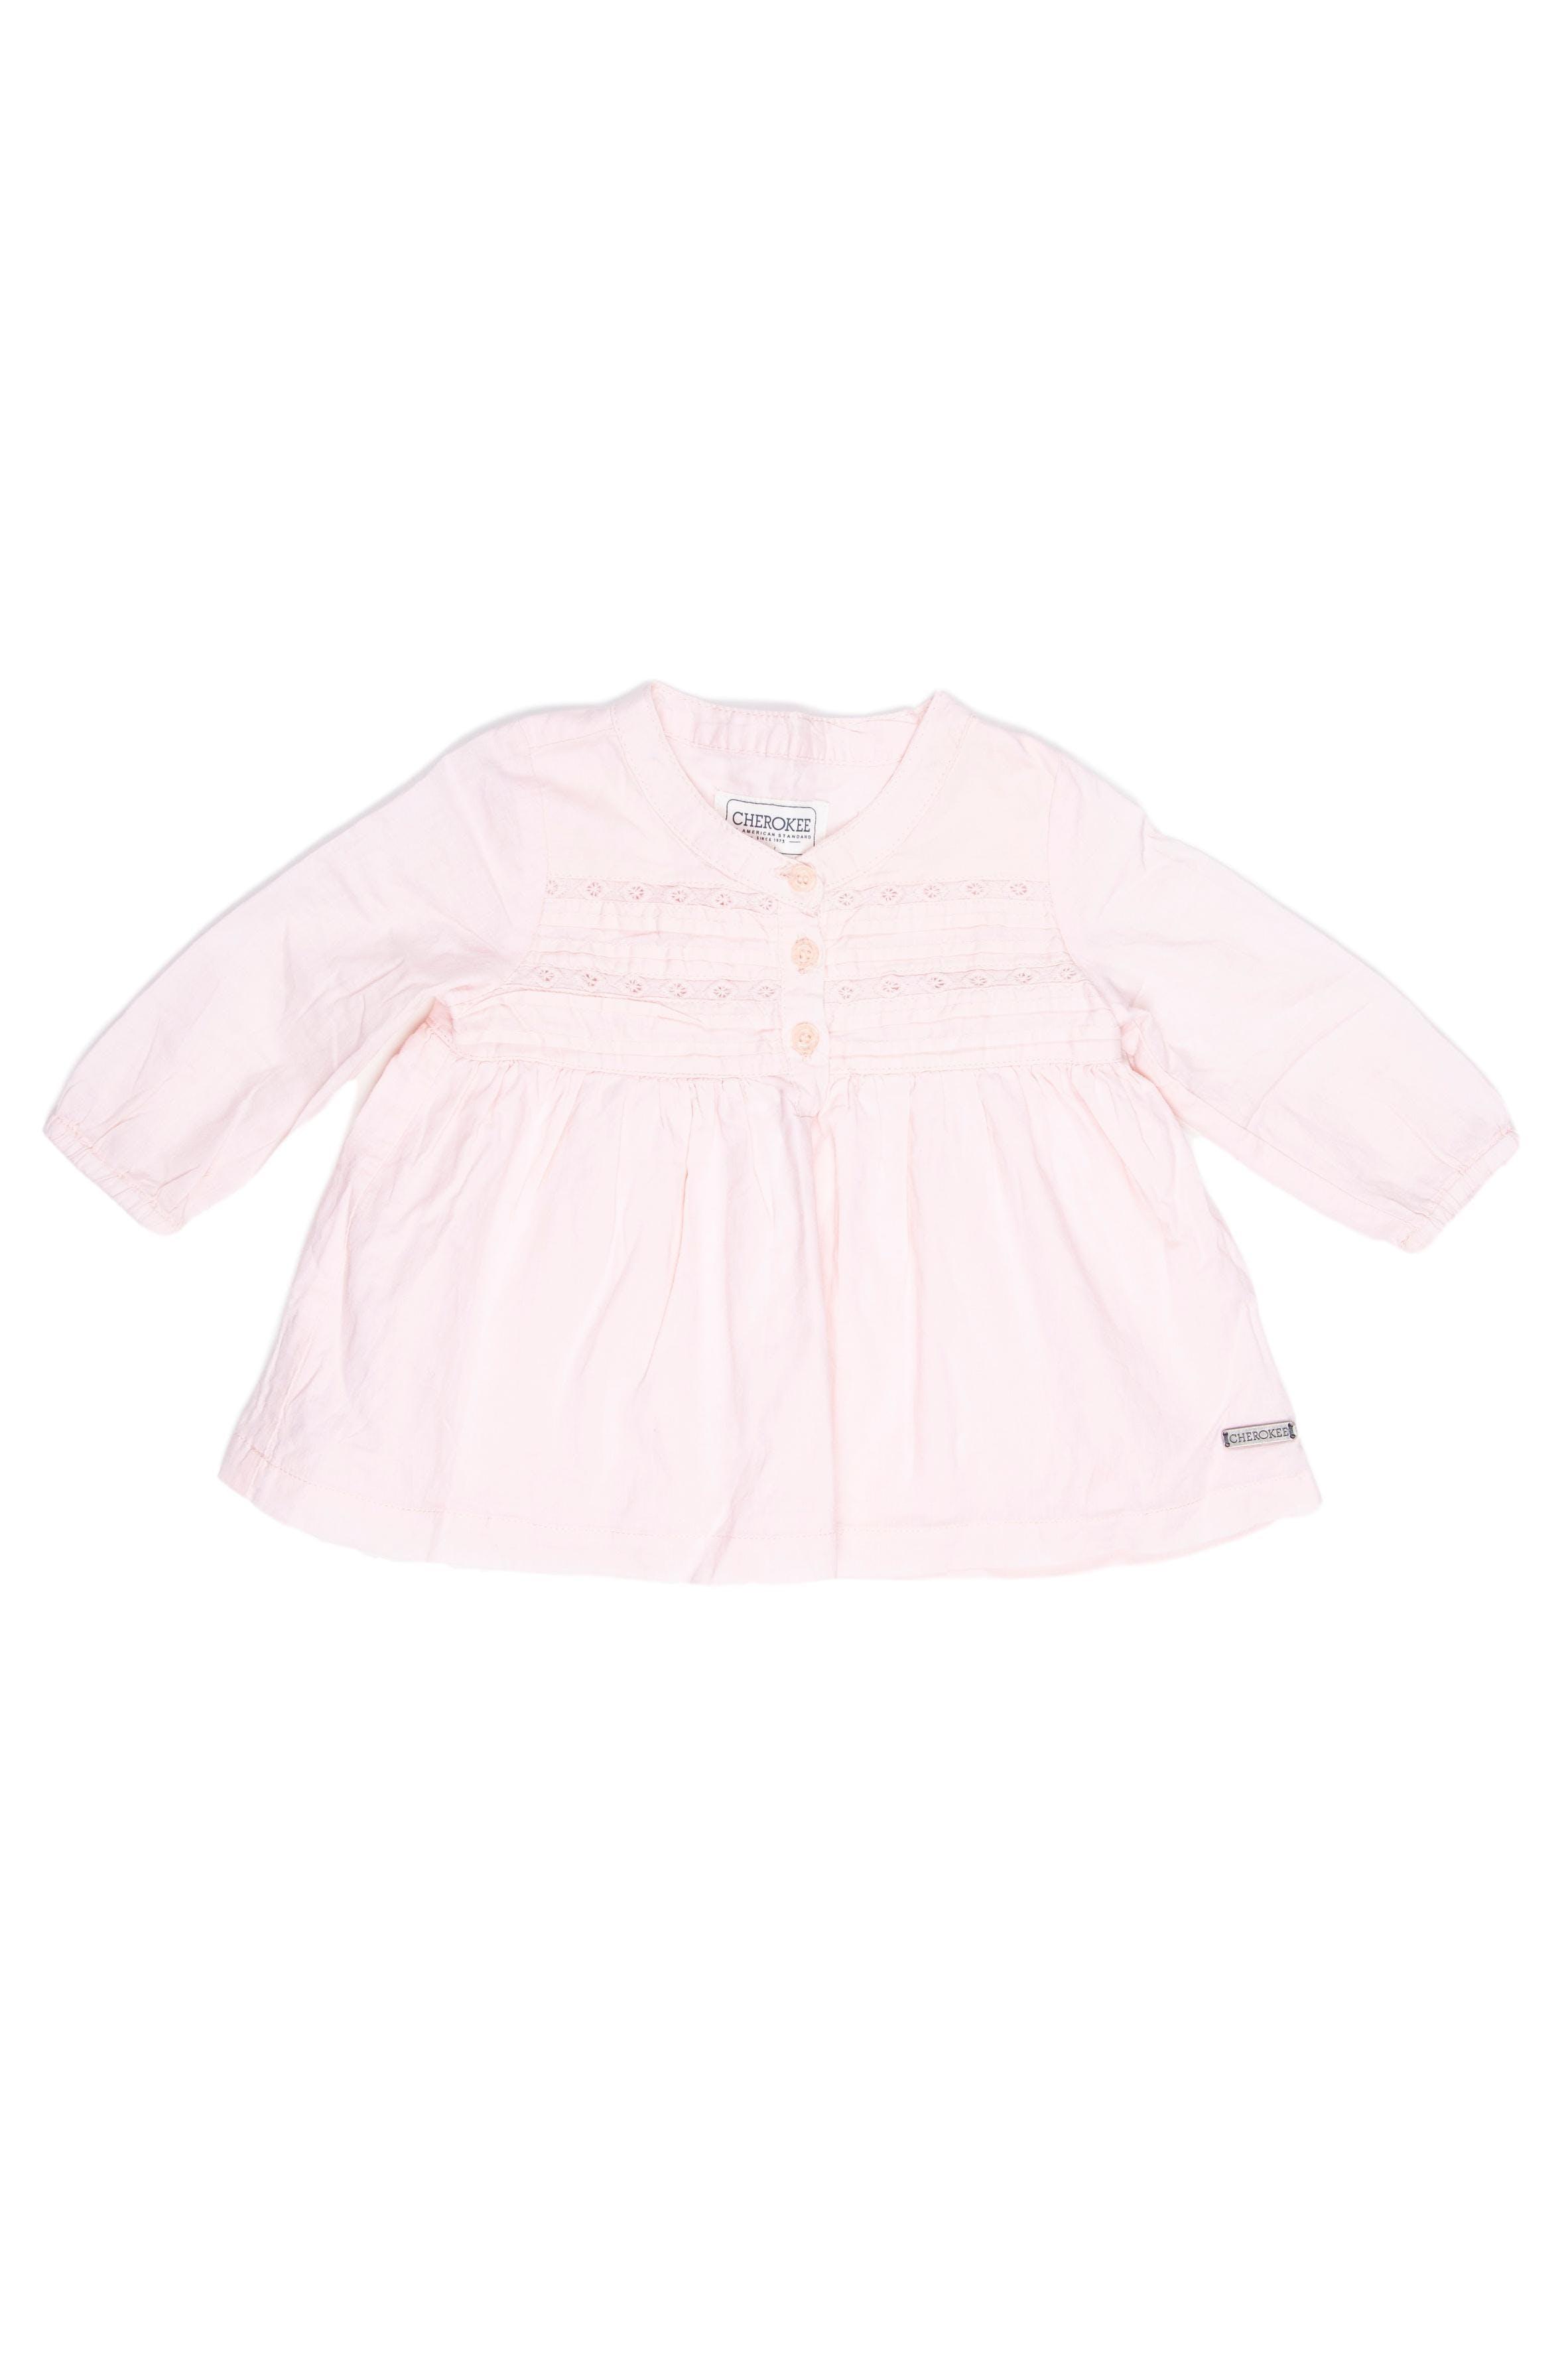 Camisa rosada pliegues en el pecho y botones - Cherokee